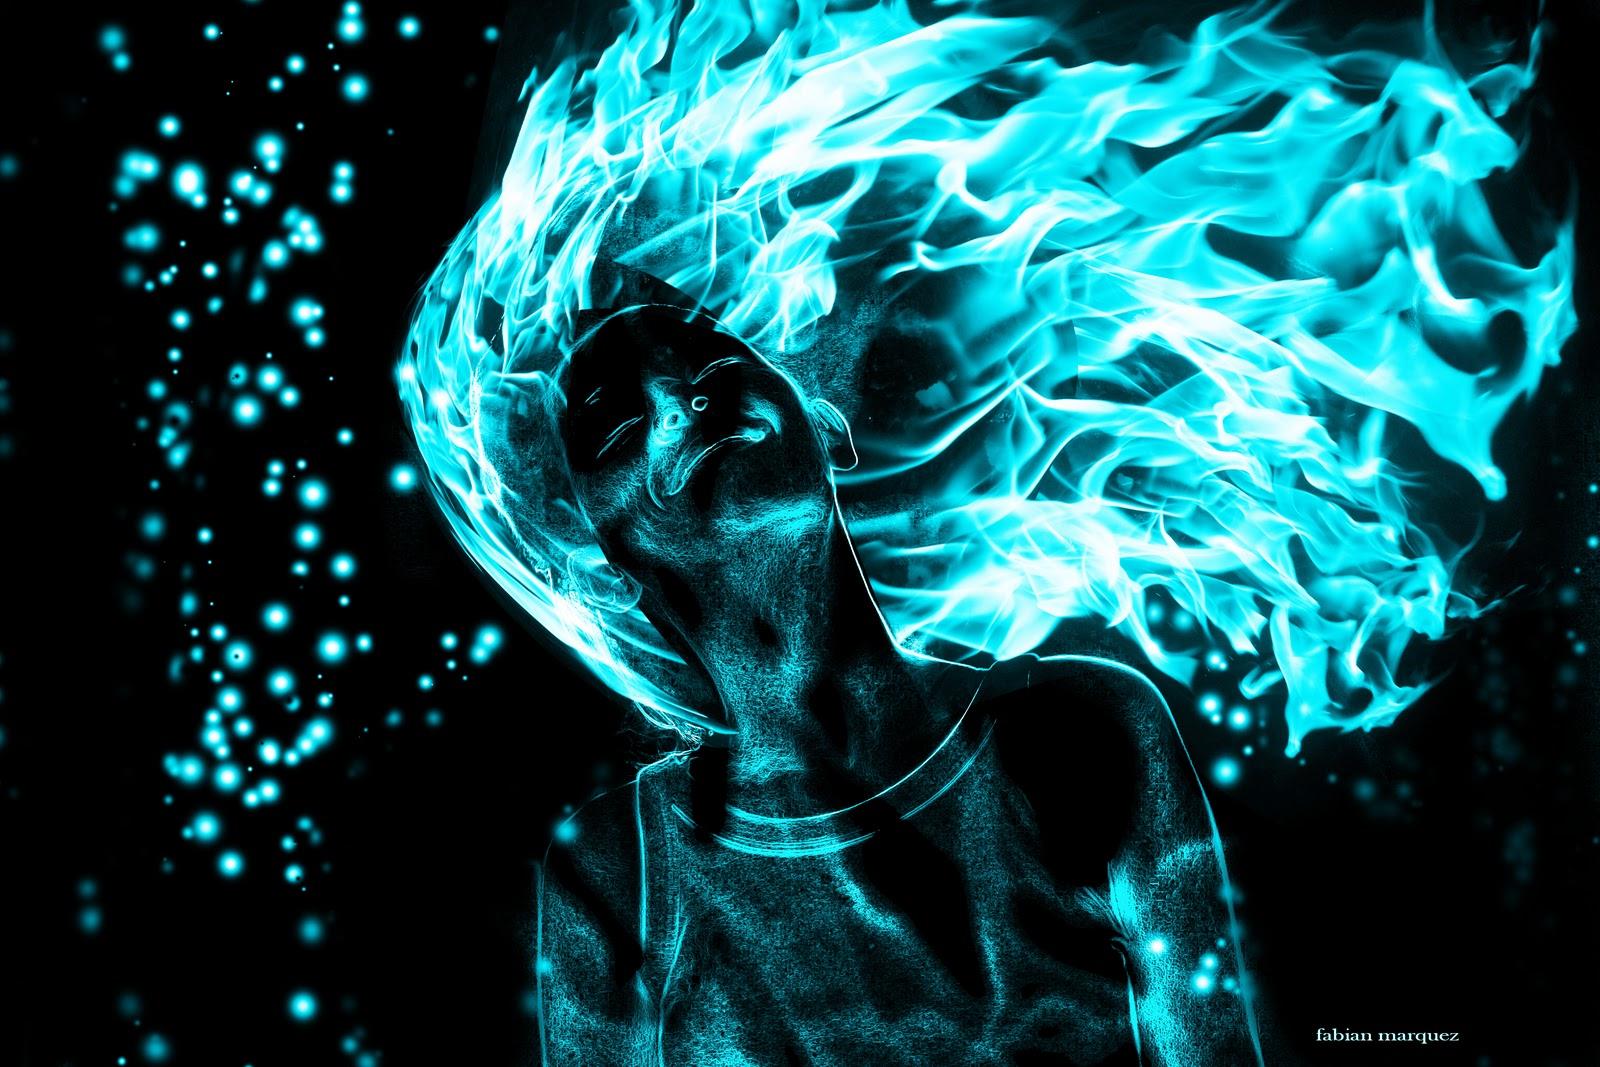 resultado final, mujer en llamas